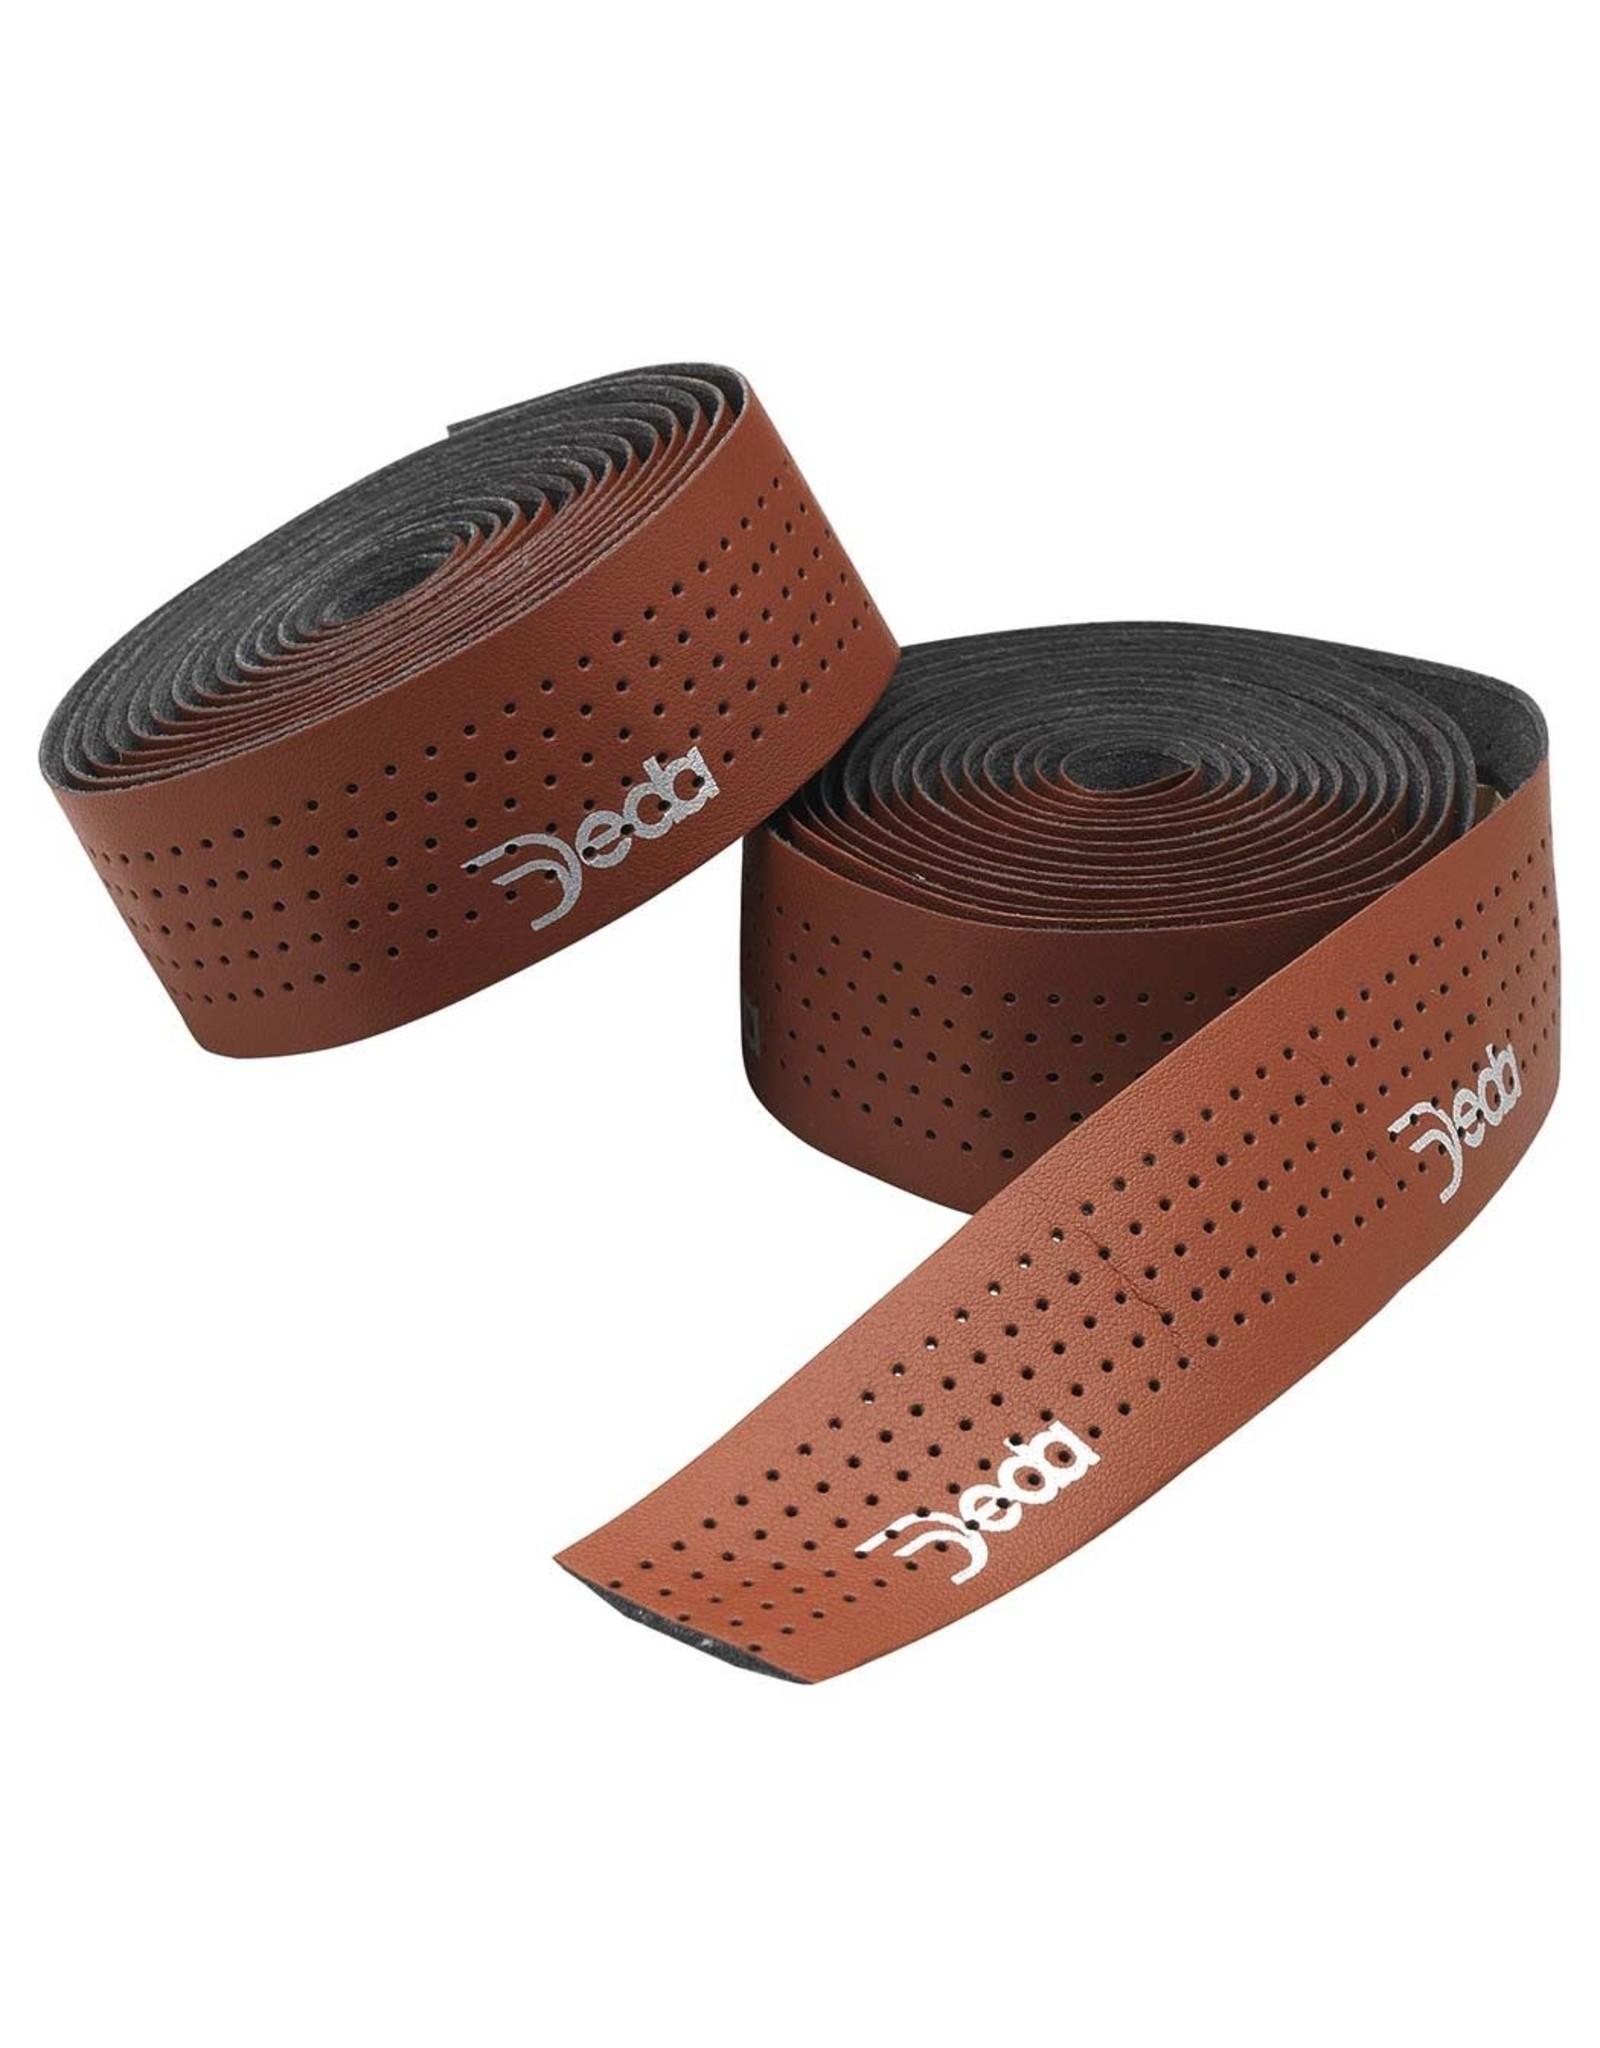 Deda Handlebar Tape Leather Look Brown